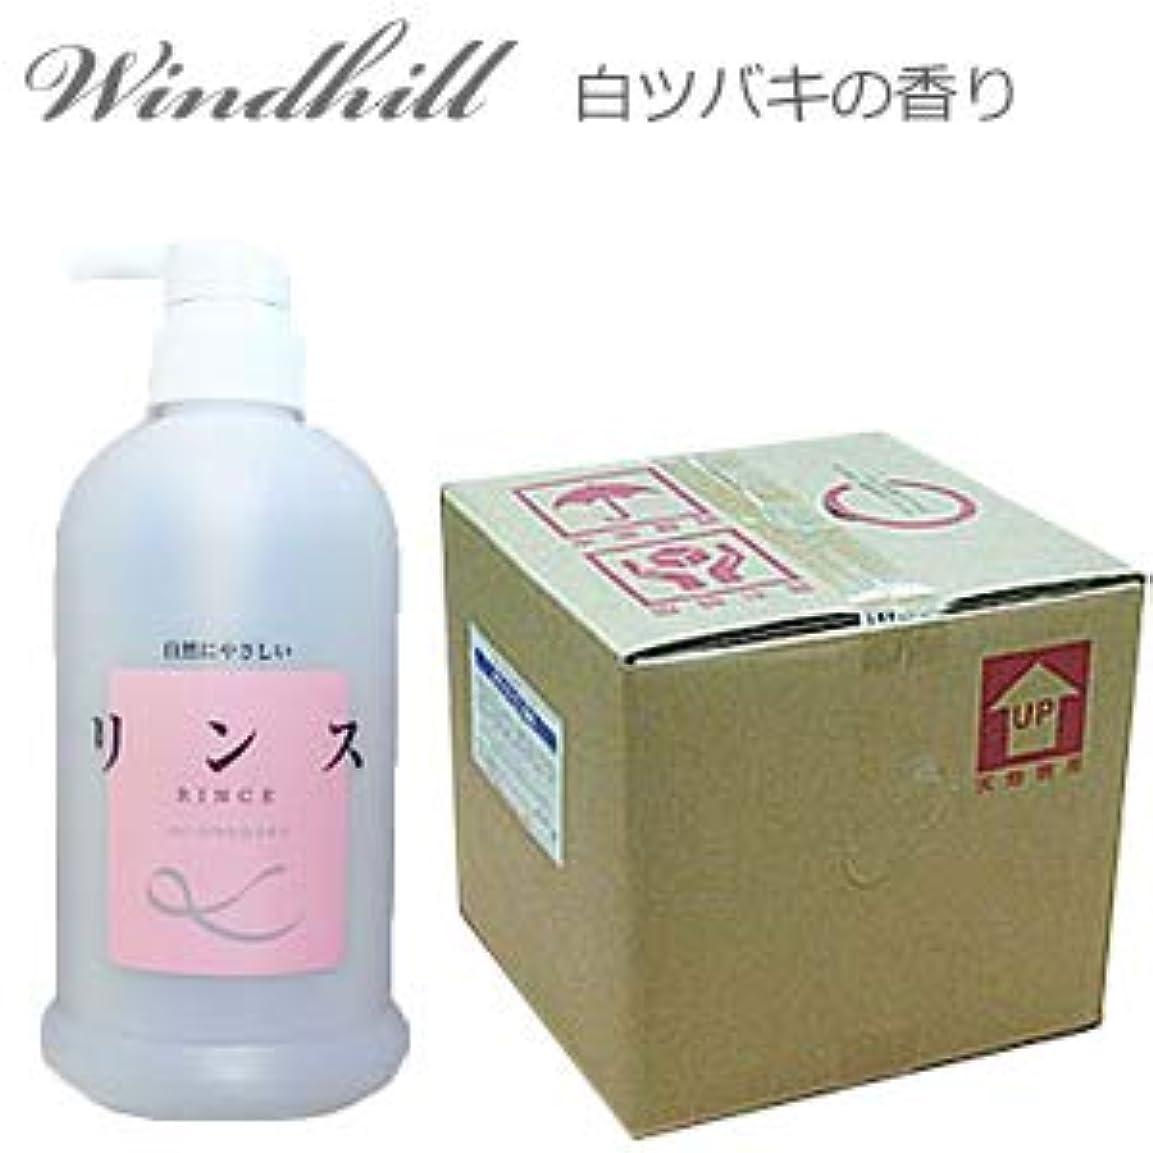 副詞キャッシュ人口なんと! 500ml当り175円 Windhill 植物性 業務用 リンス 白ツバキの香り 20L